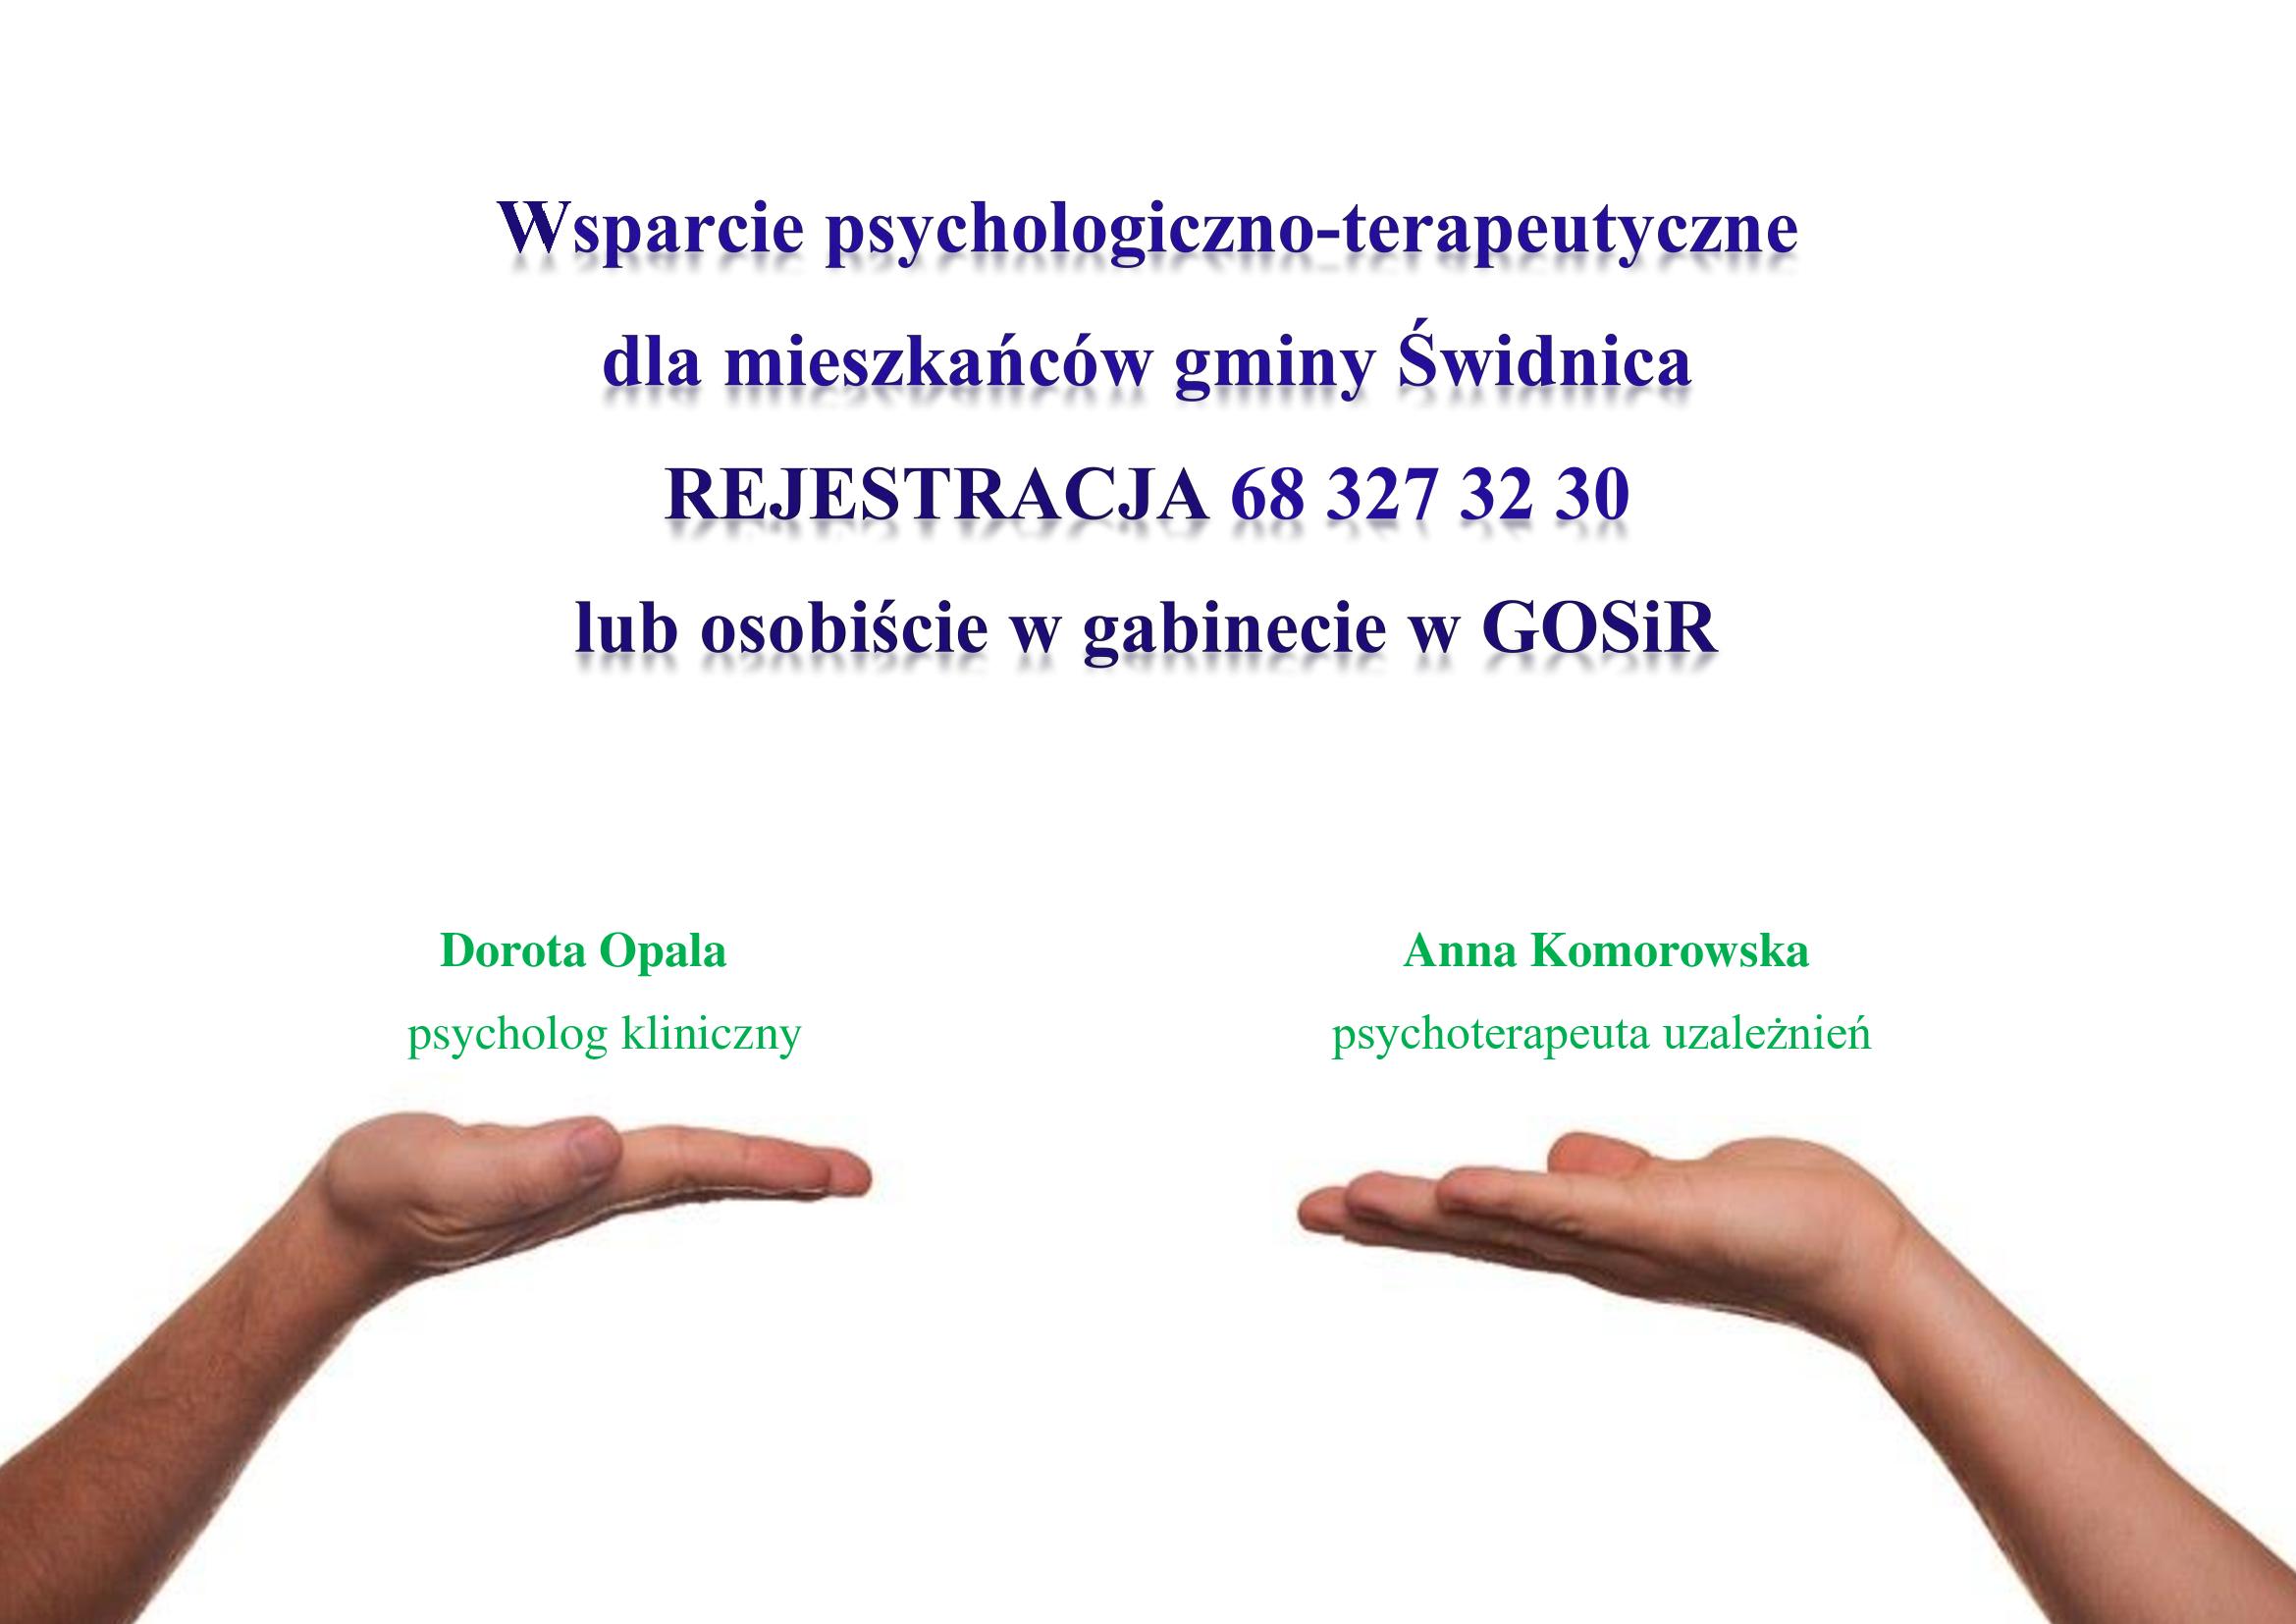 Ilustracja do informacji: Wsparcie psychologiczno-terapeutyczne dla mieszkańców gminy Świdnica